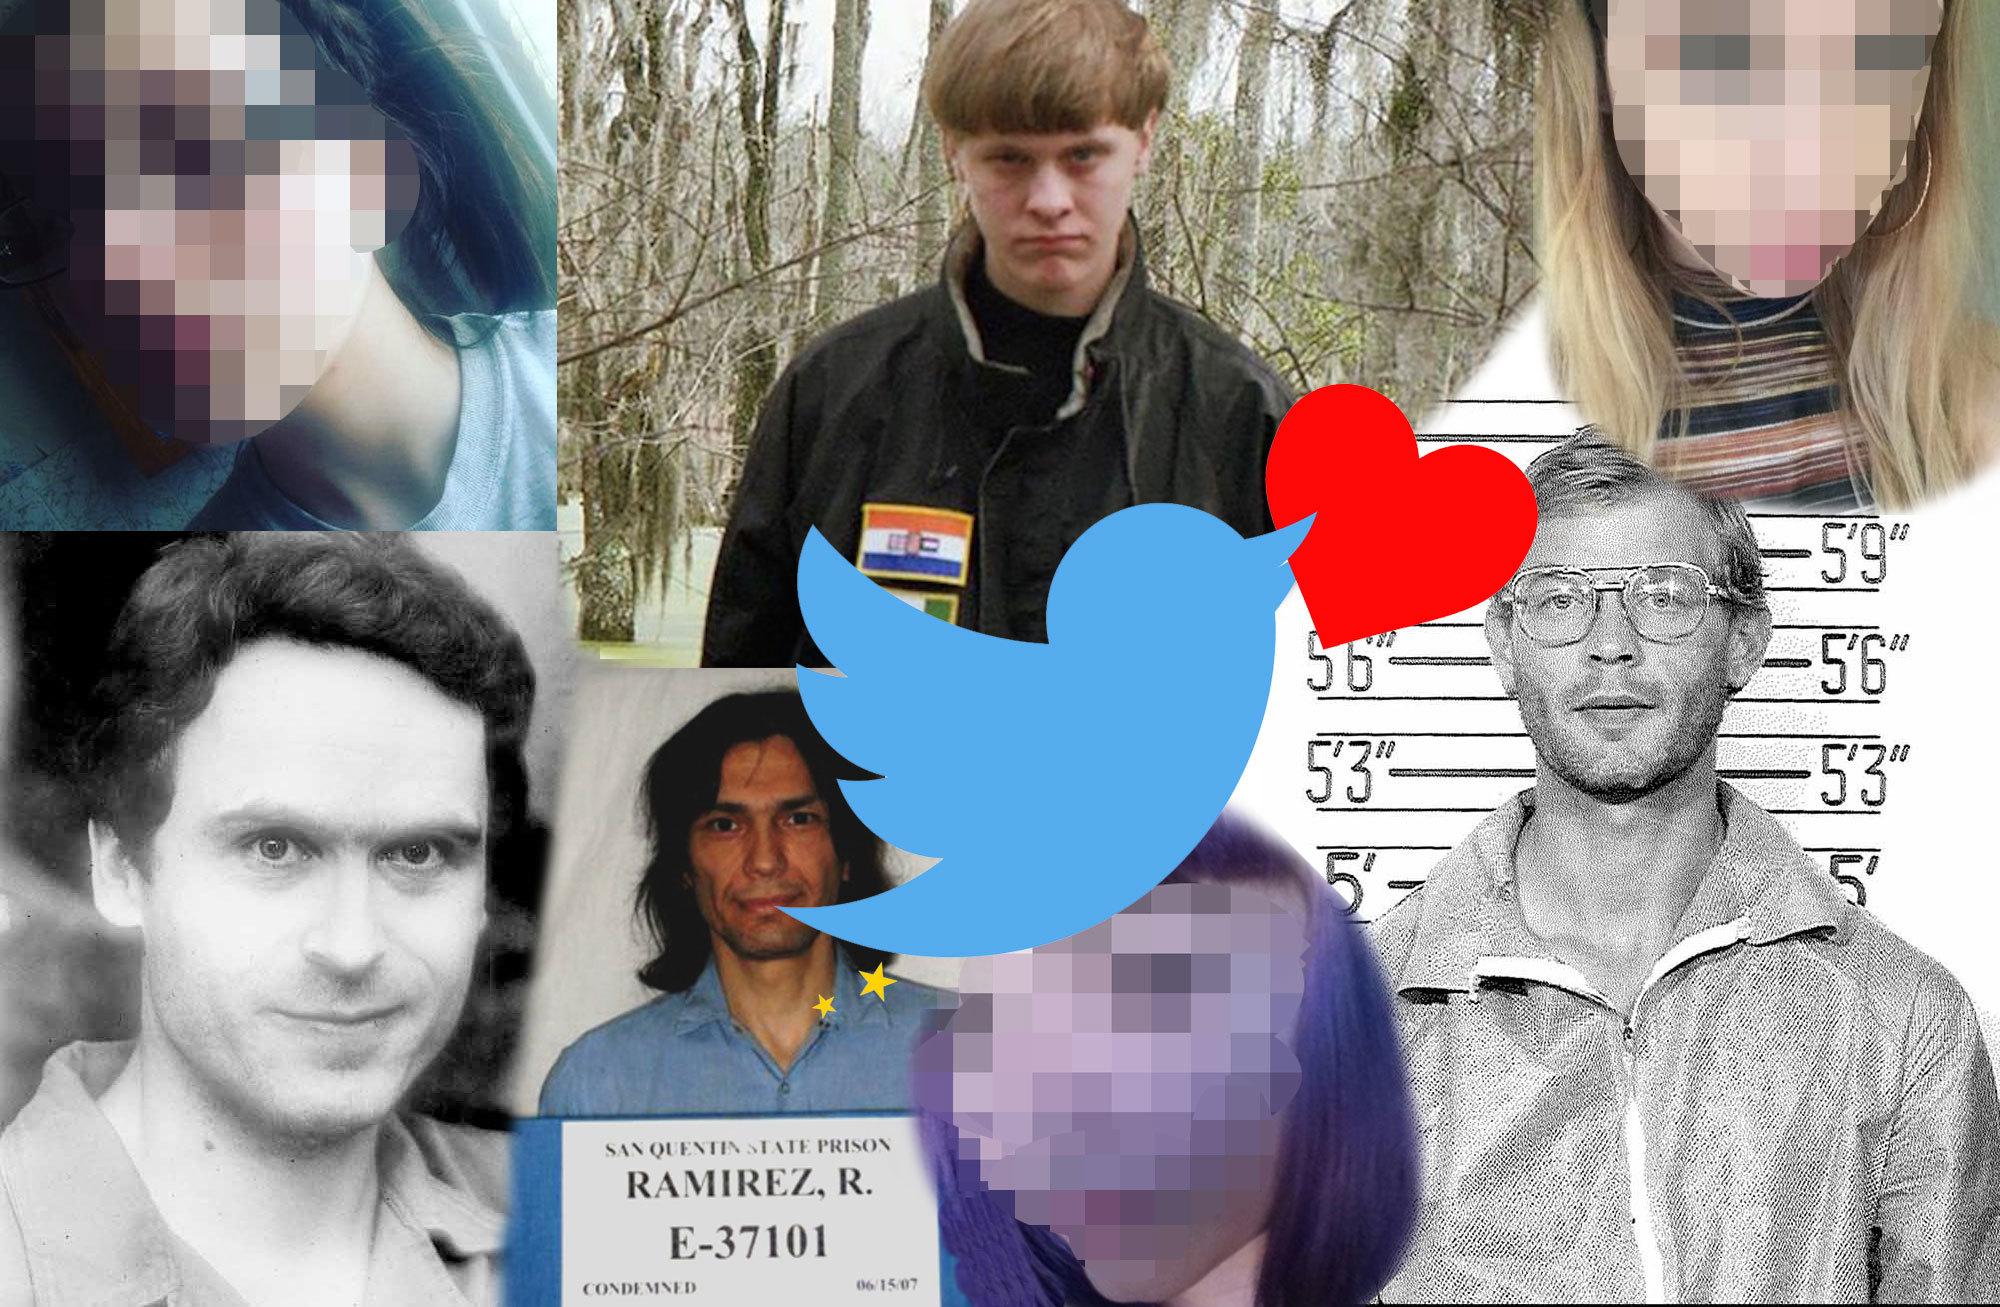 Perfil psicológico: ¿Qué lleva a una persona a enamorarse de un asesino? - Radio Cantilo